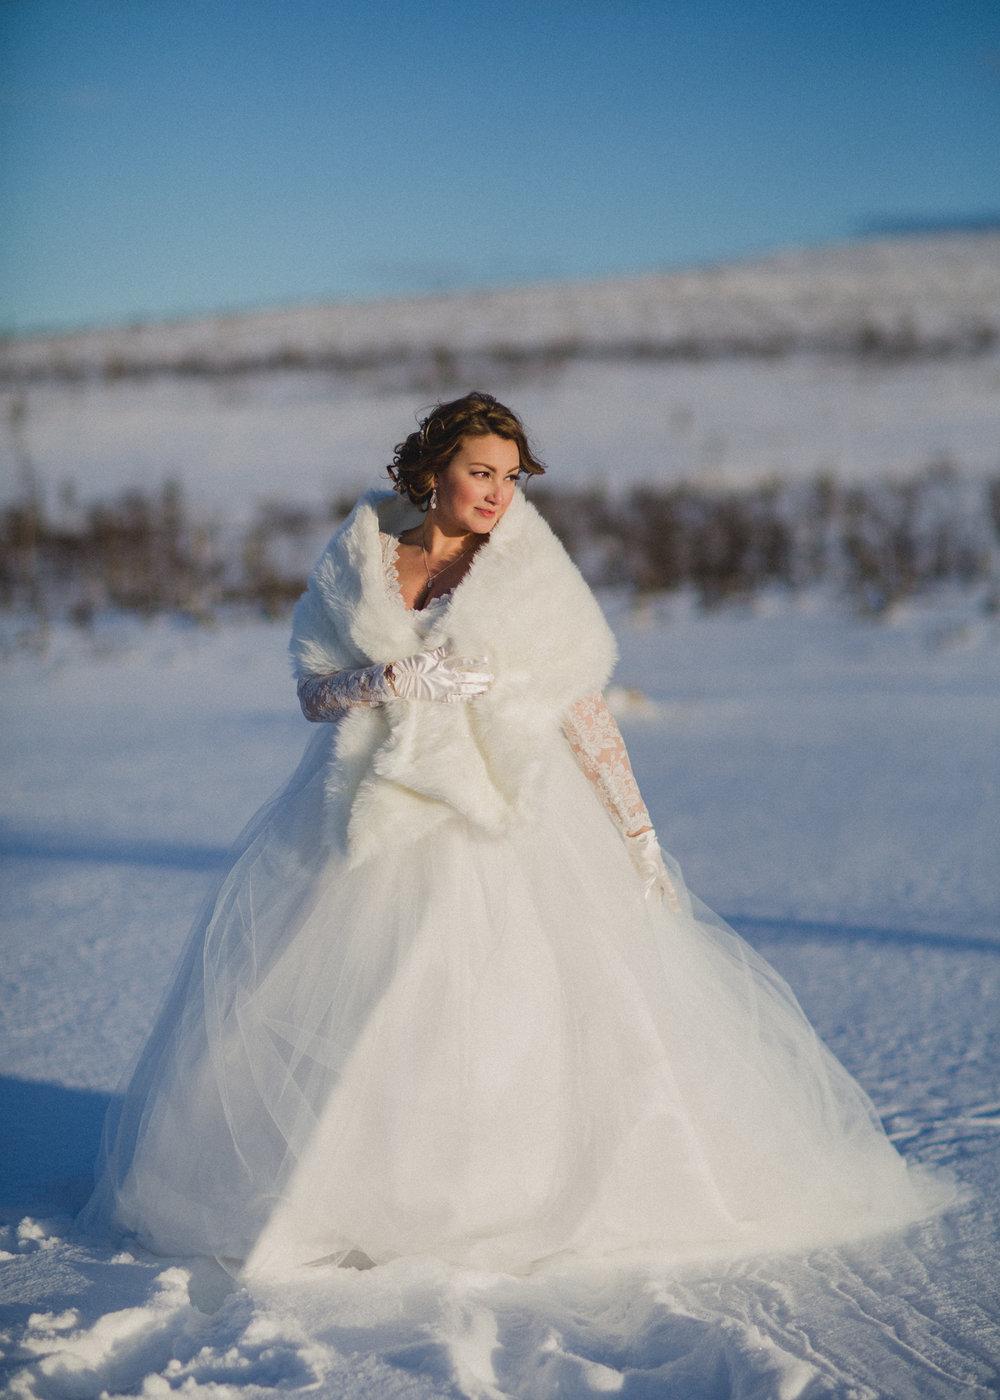 Brudklänning vinter